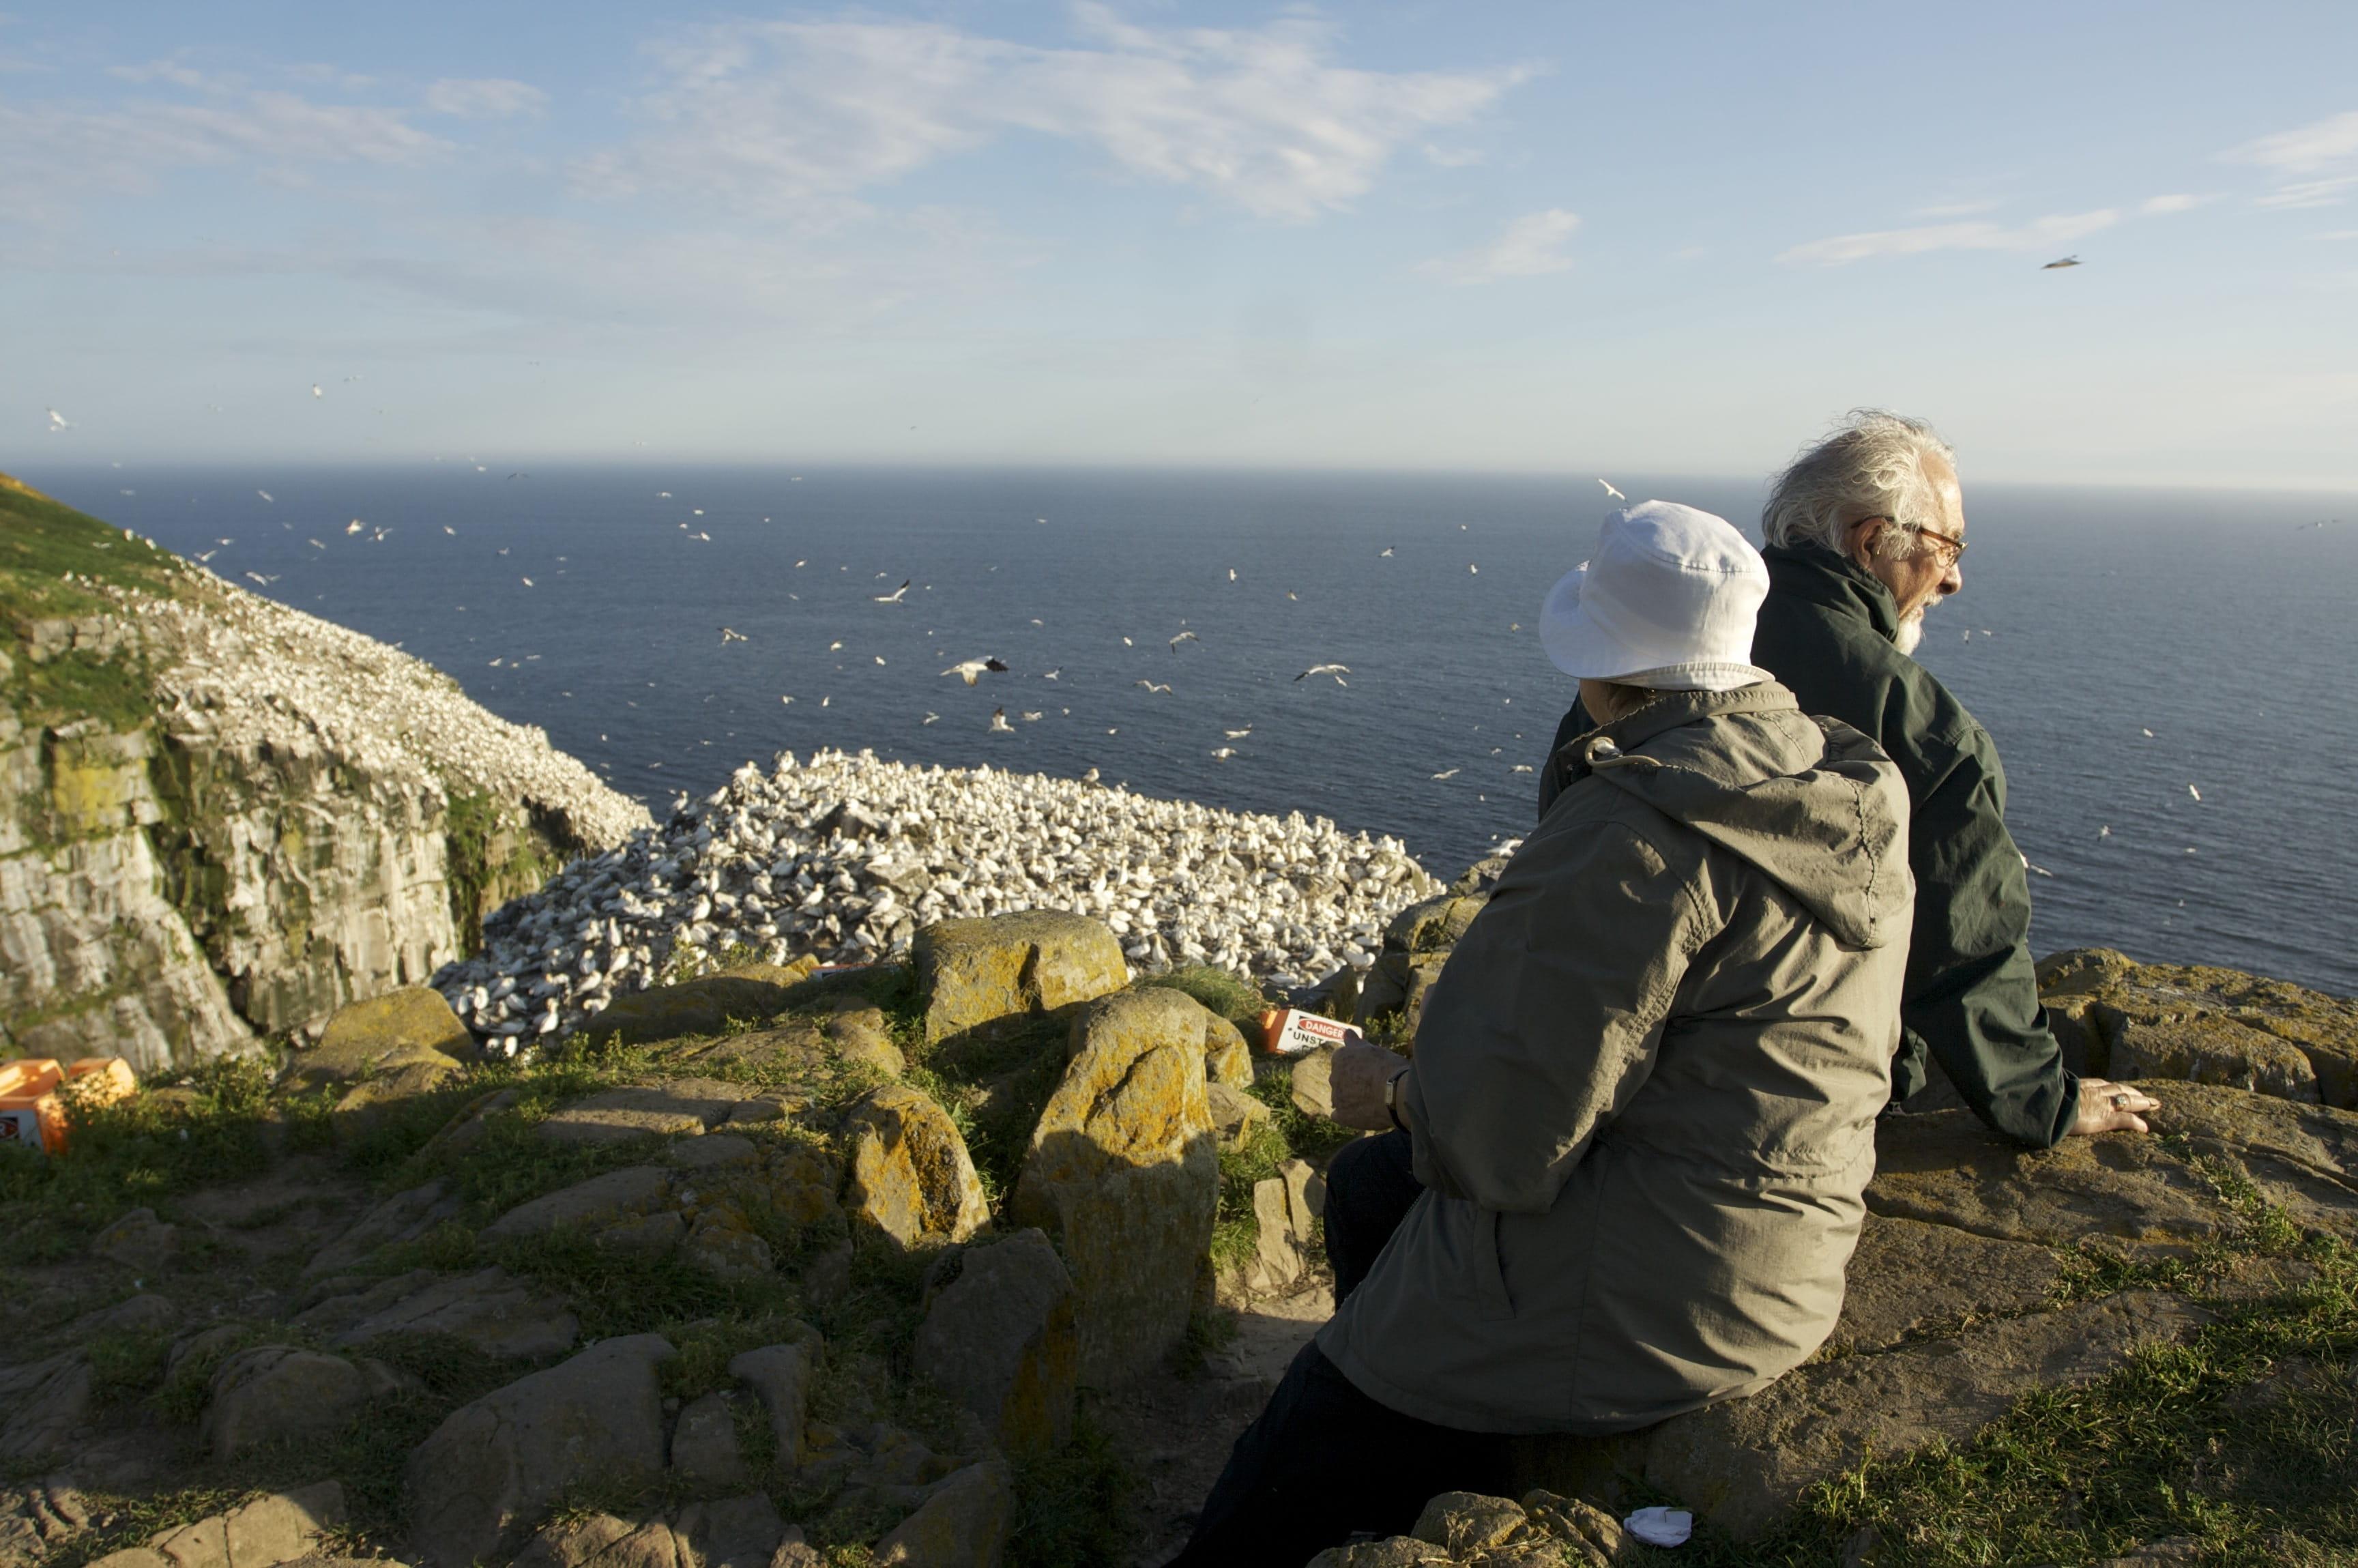 Witless Bay birdwatching